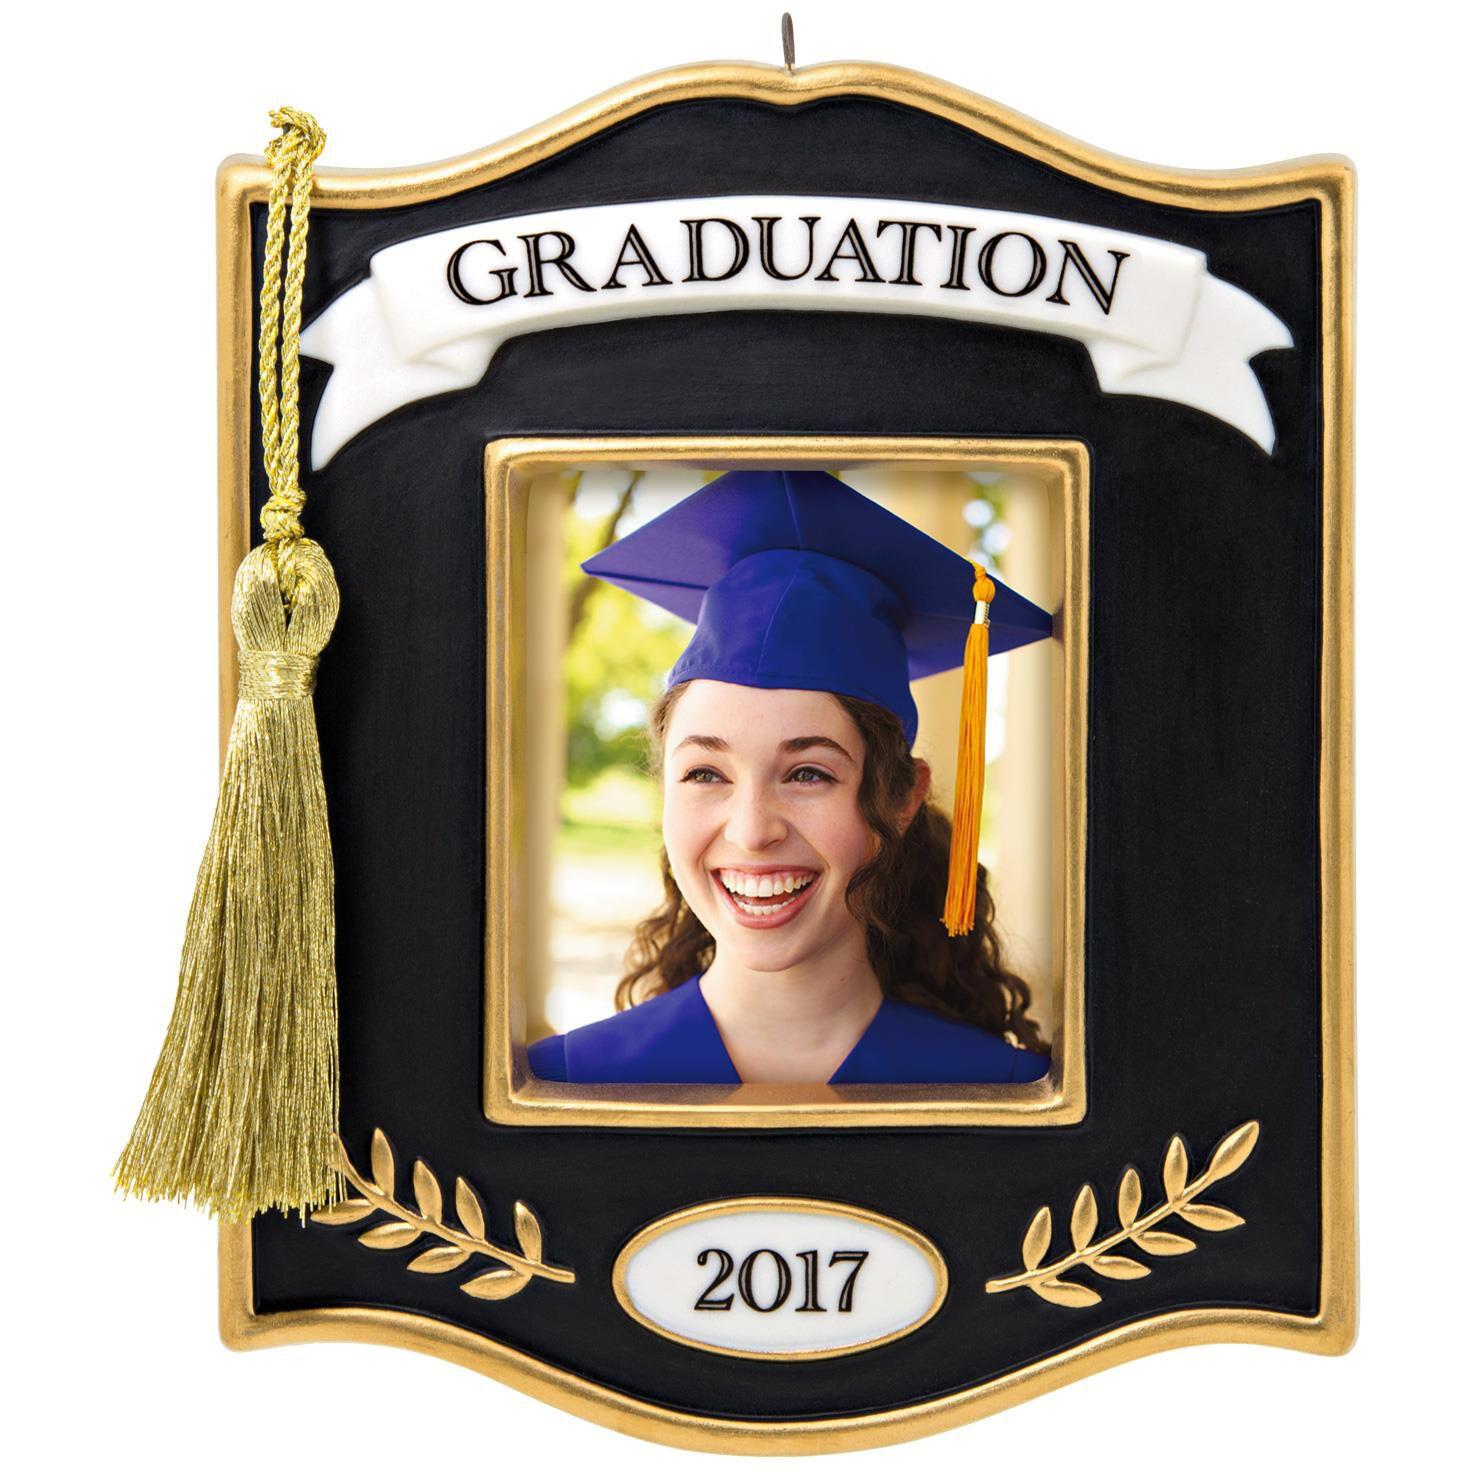 Congrats, Grad! 2017 Photo Holder Ornament - Sale - Hallmark